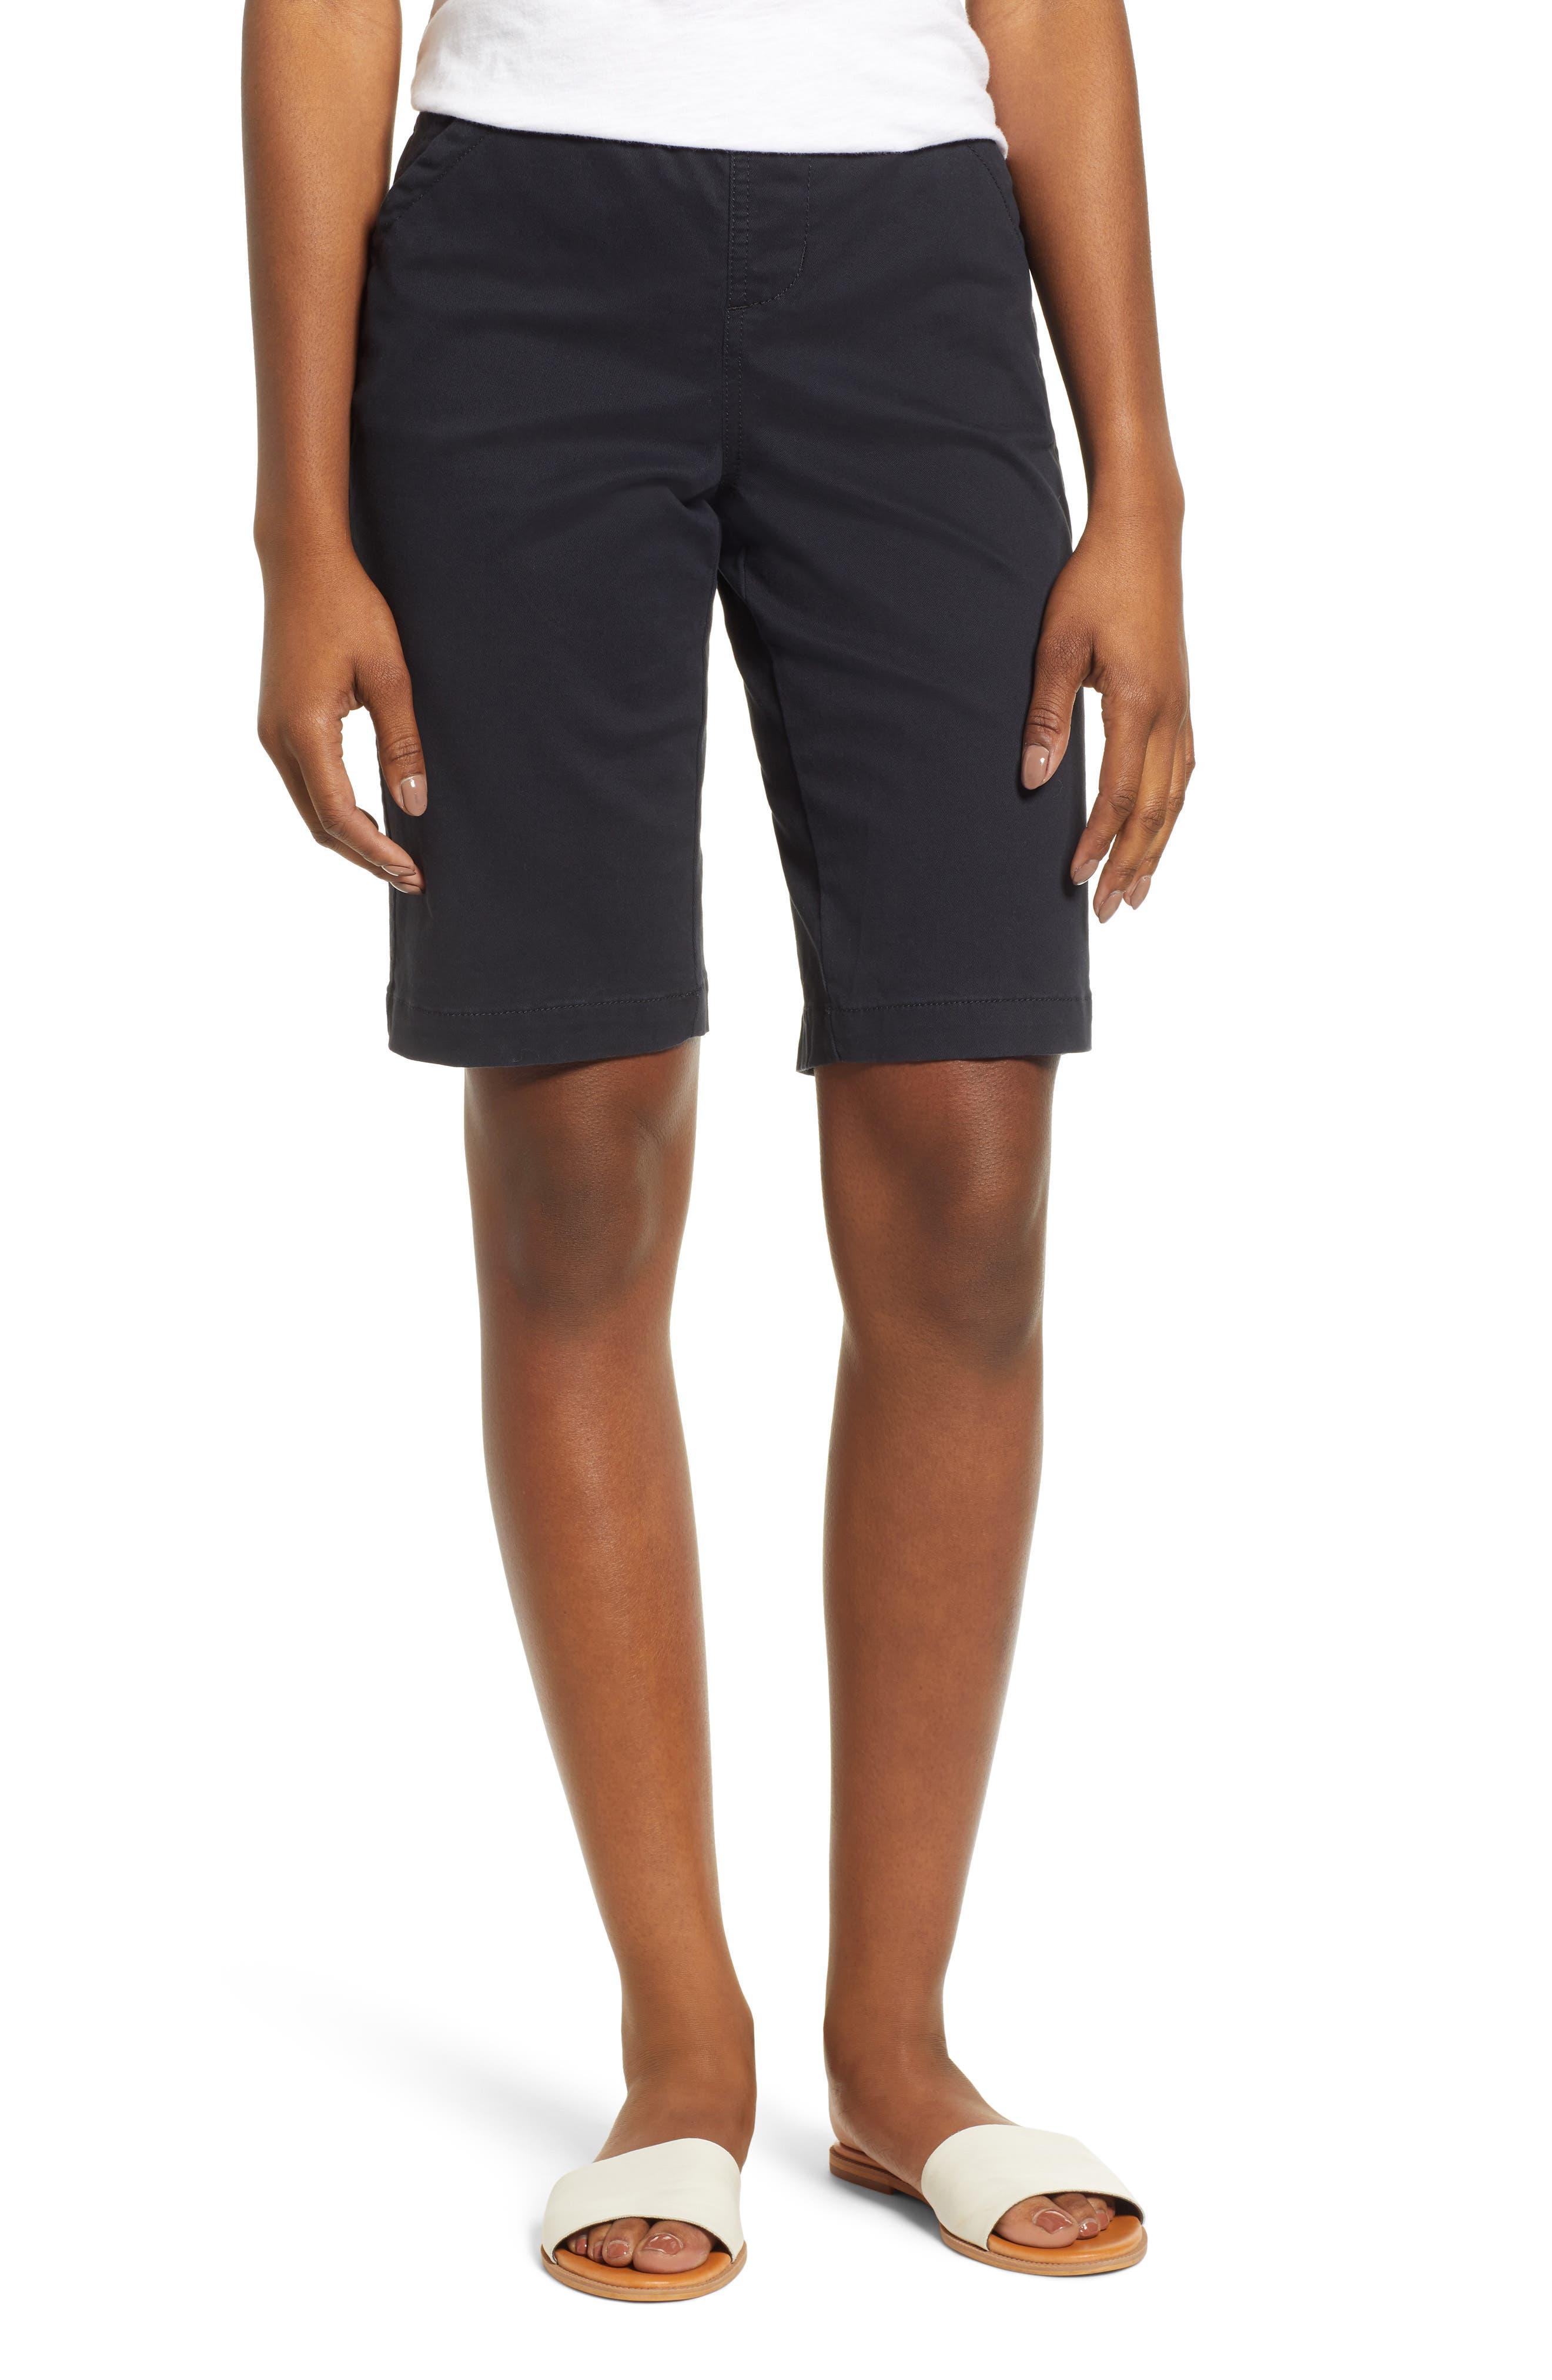 JAG JEANS, Gracie Bermuda Shorts, Main thumbnail 1, color, BLACK